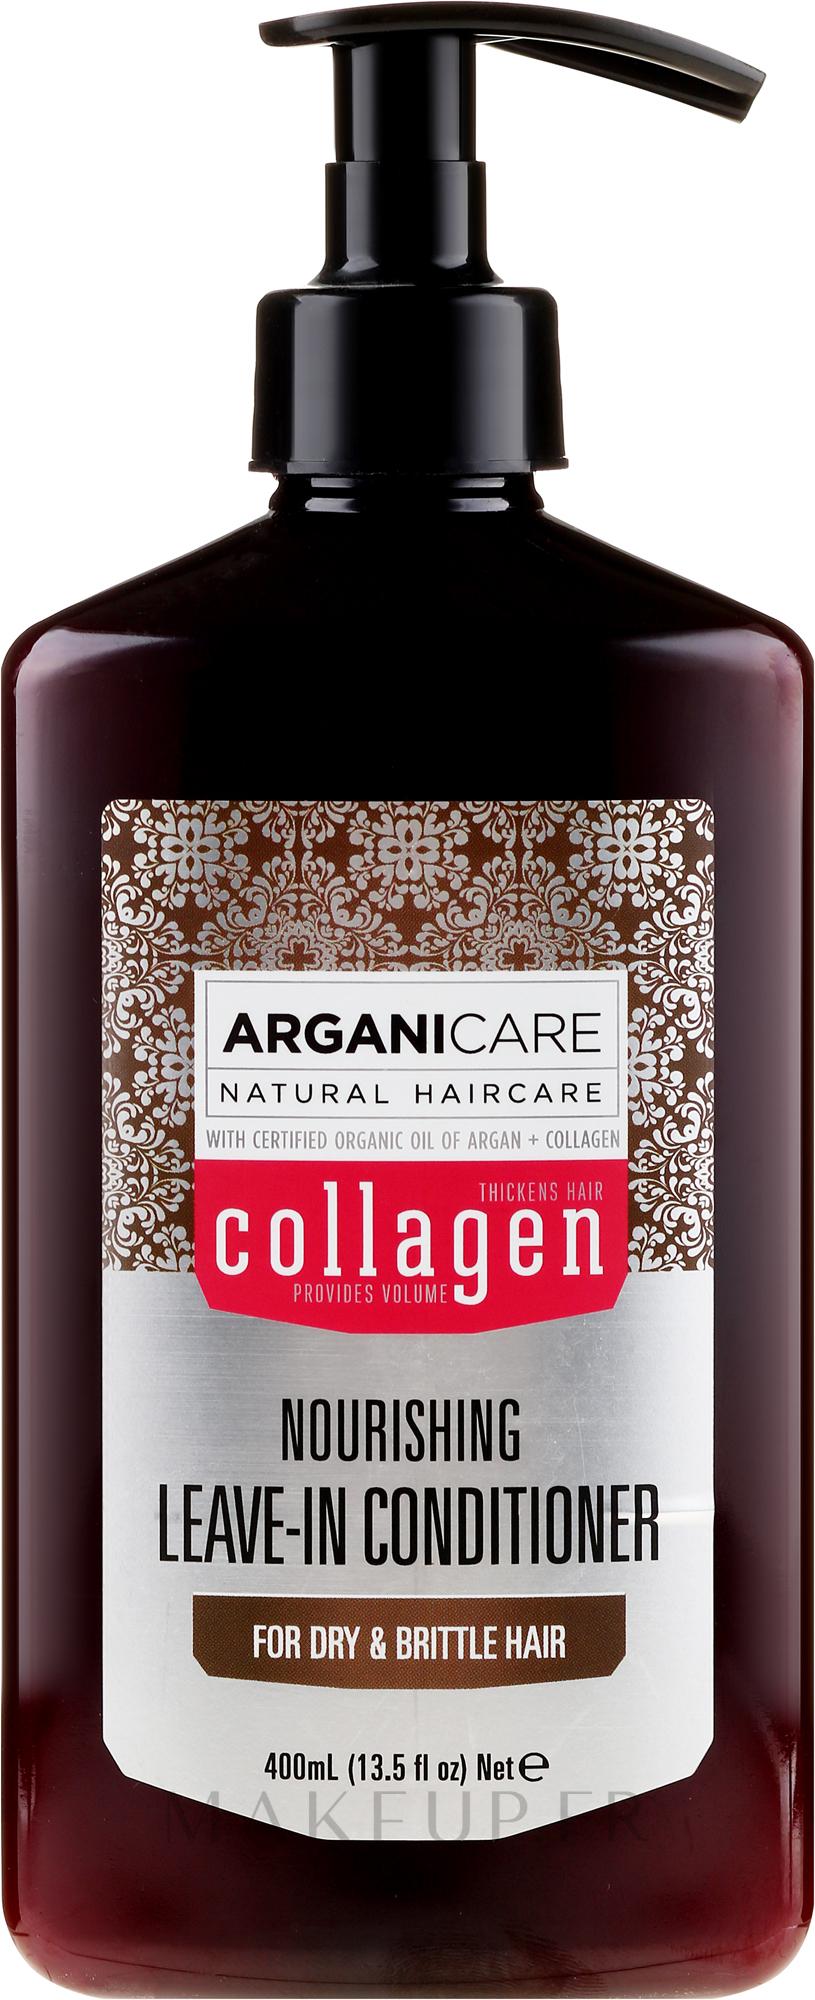 Après-shampooing à l'huile d'argan bio et collagène sans rinçage - Arganicare Collagen Nourishing Leave-In Conditioner — Photo 400 ml